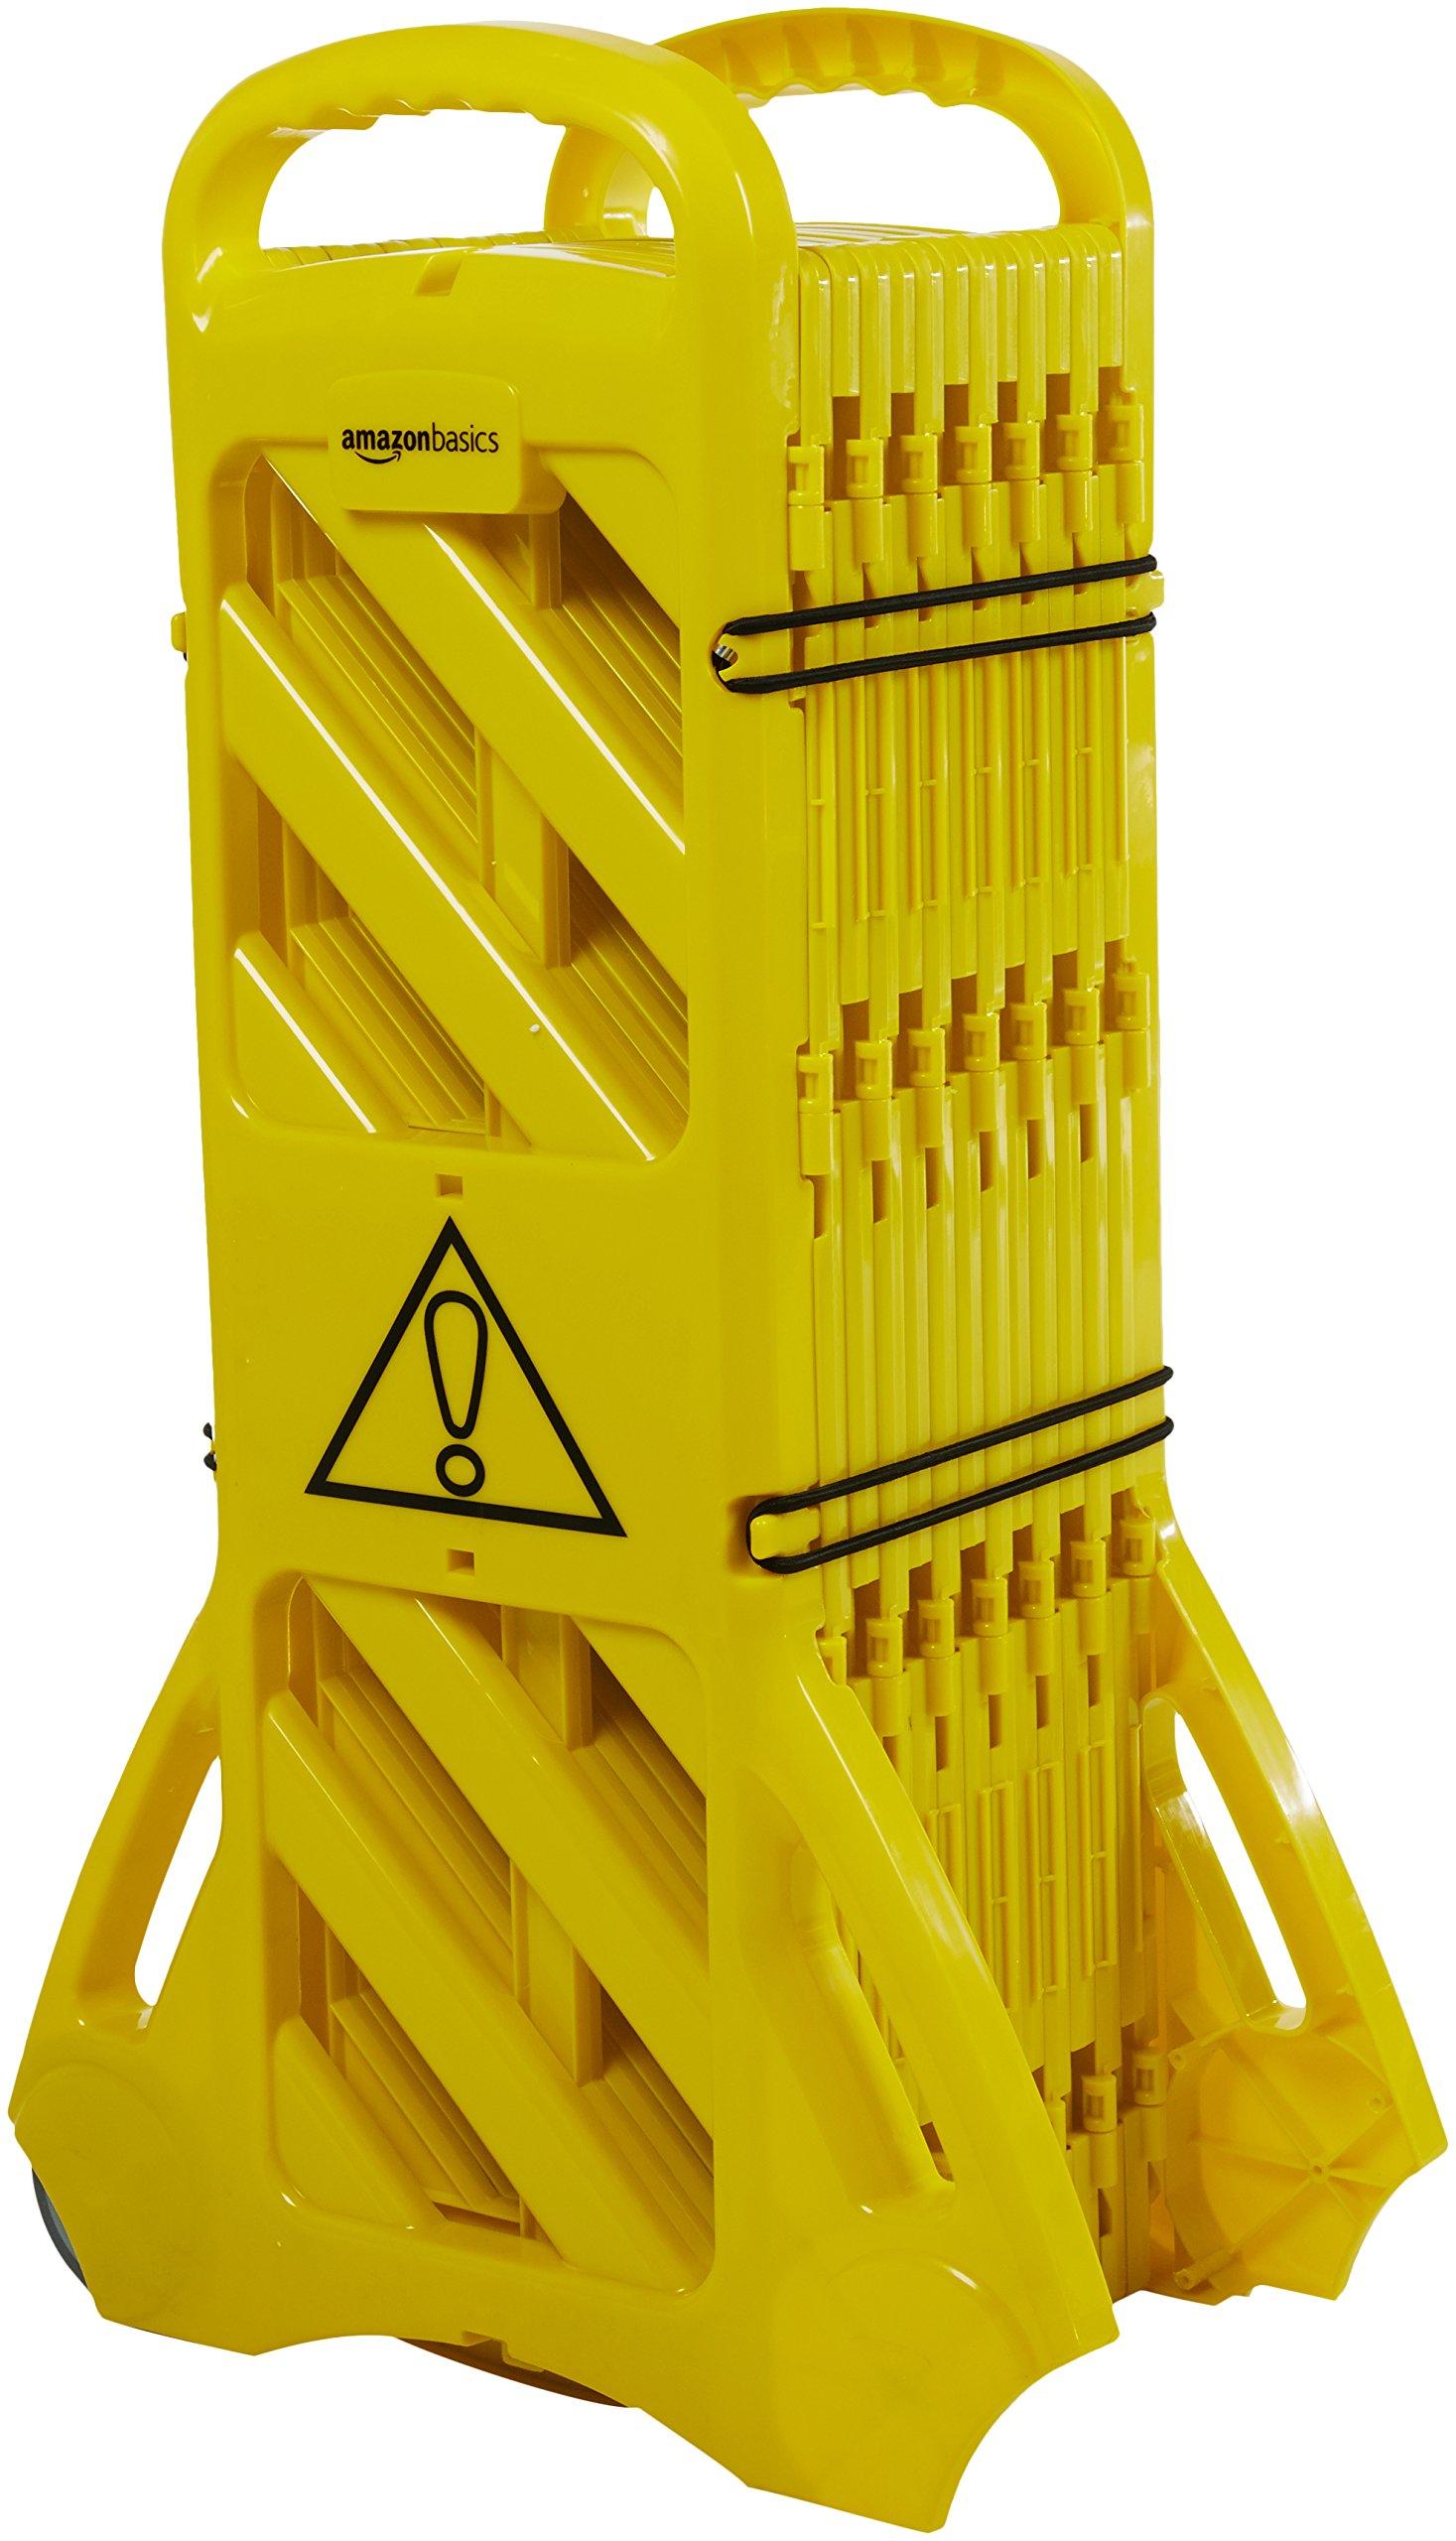 AmazonBasics Expandable Mobile Barricade System, Yellow